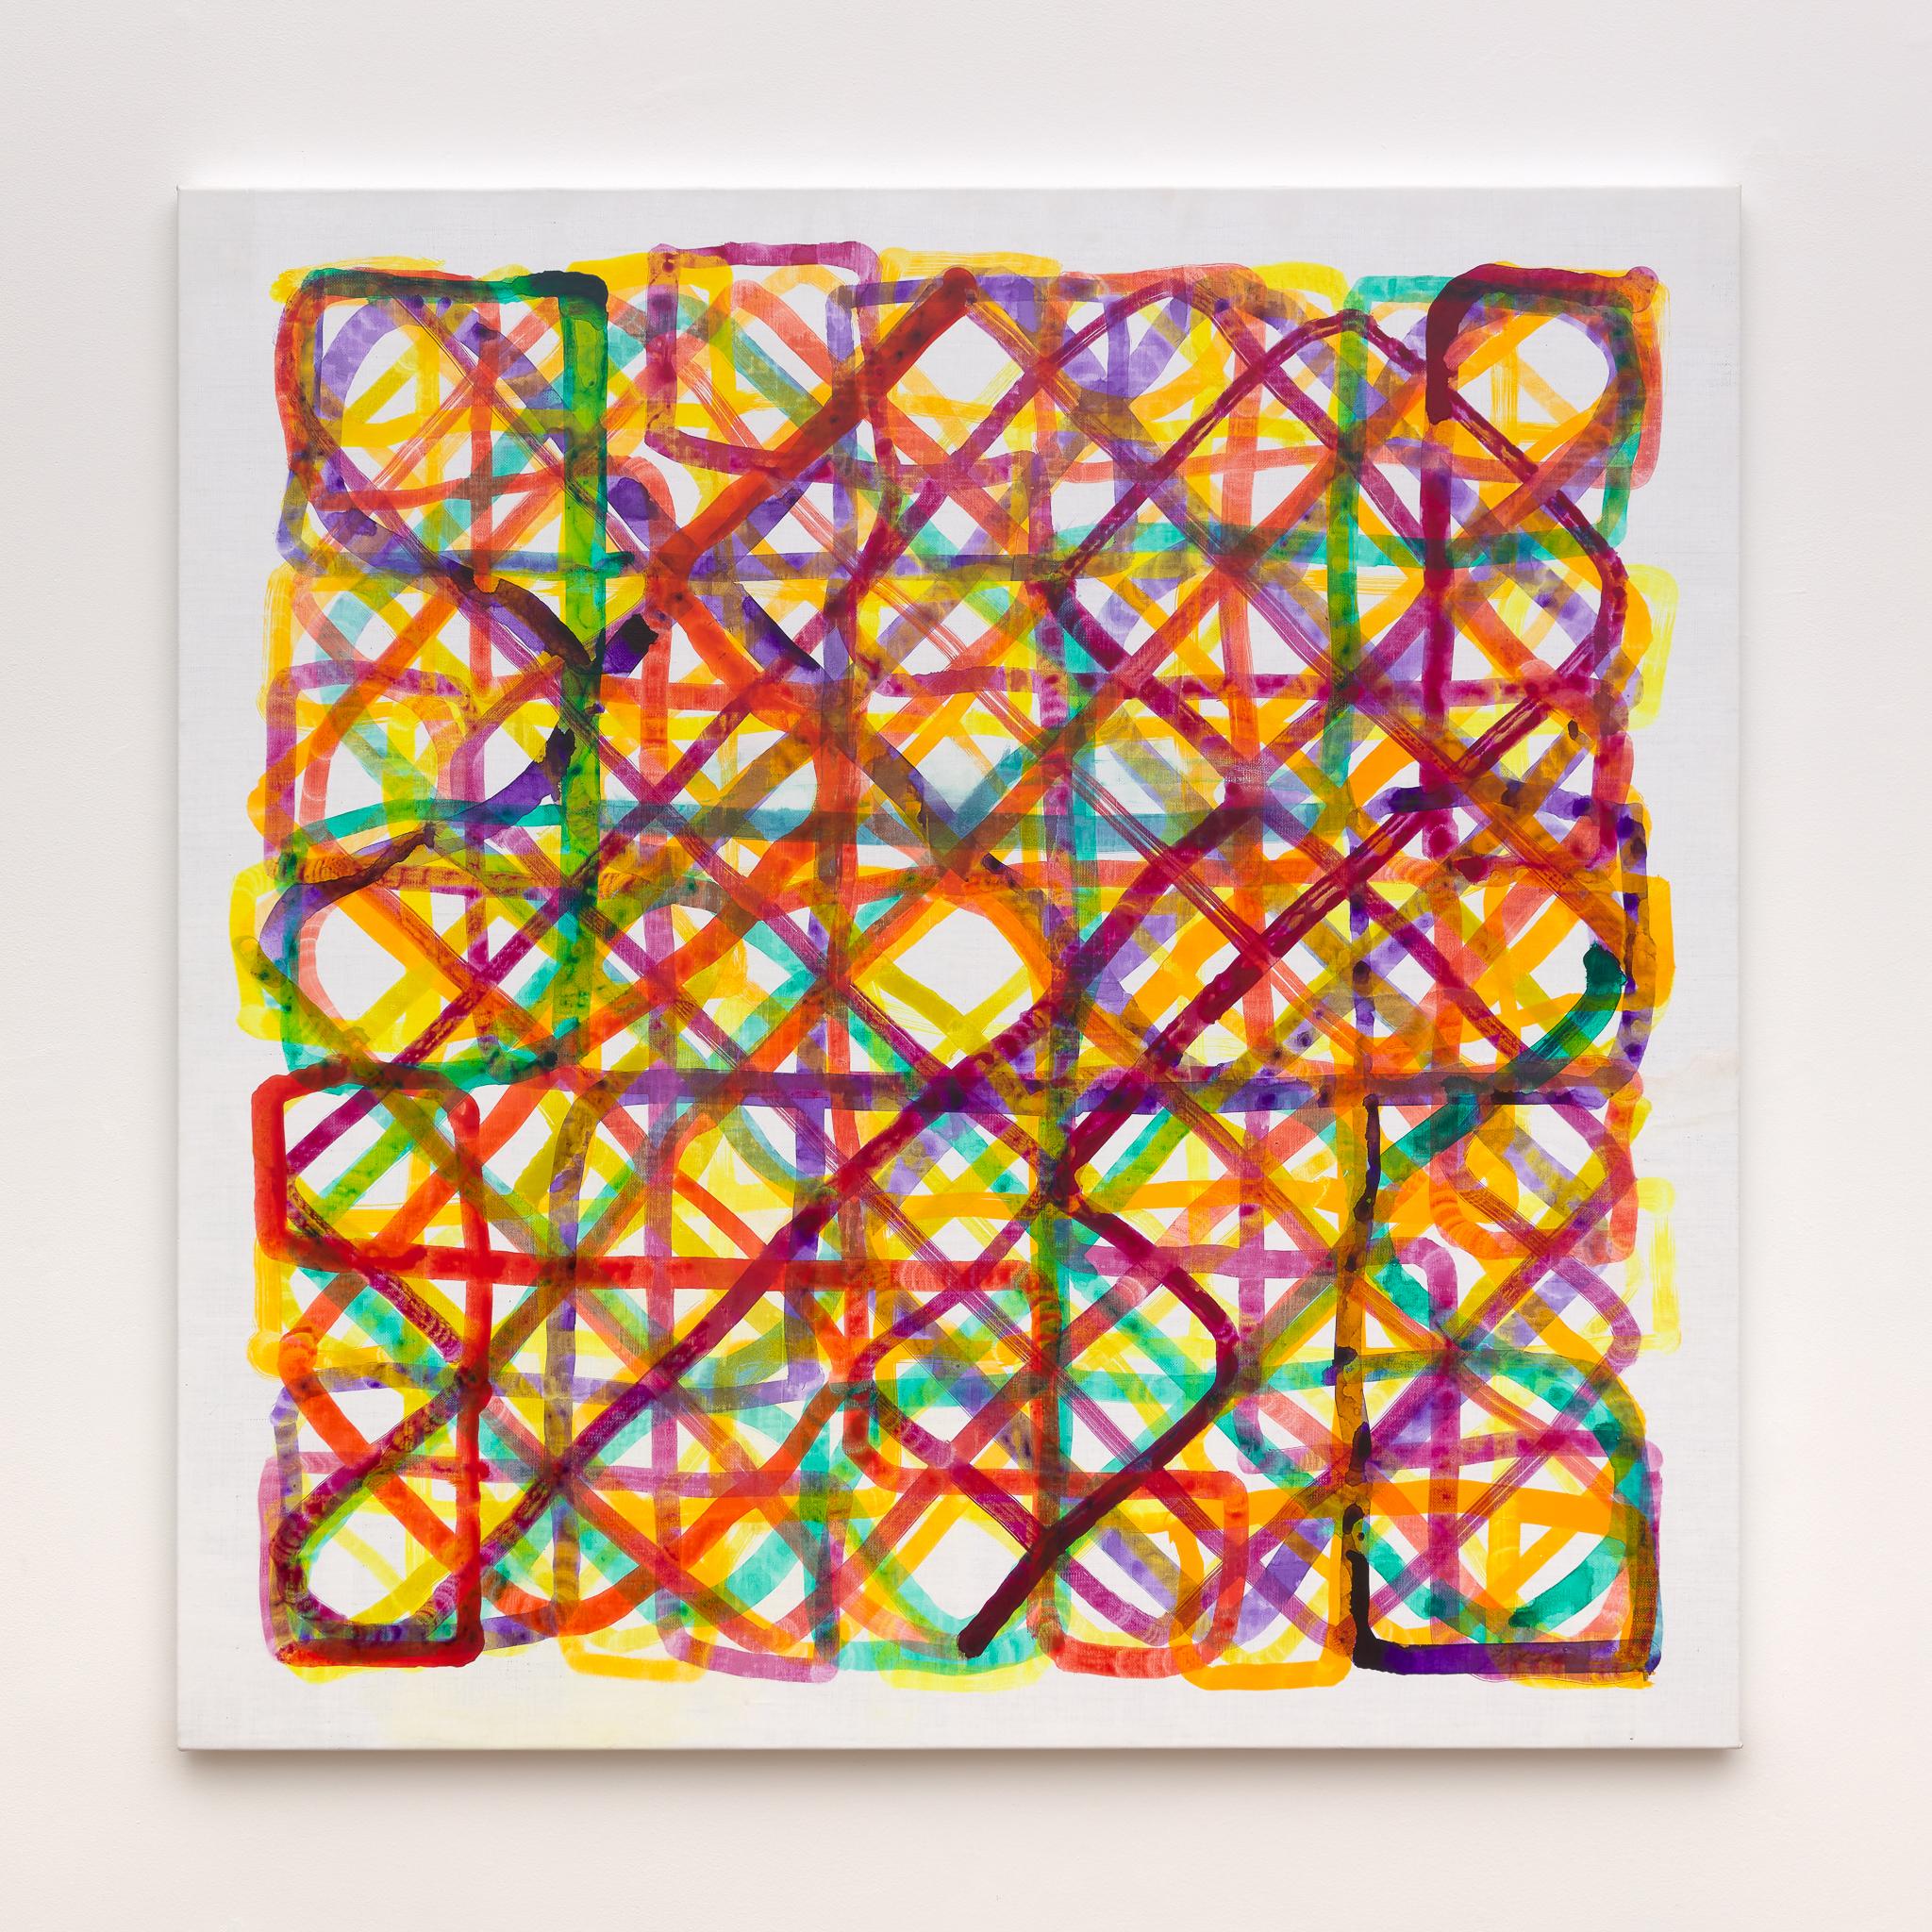 Marc Rossignol - Network + x - Y'2 / R'2 / B'2, 2020